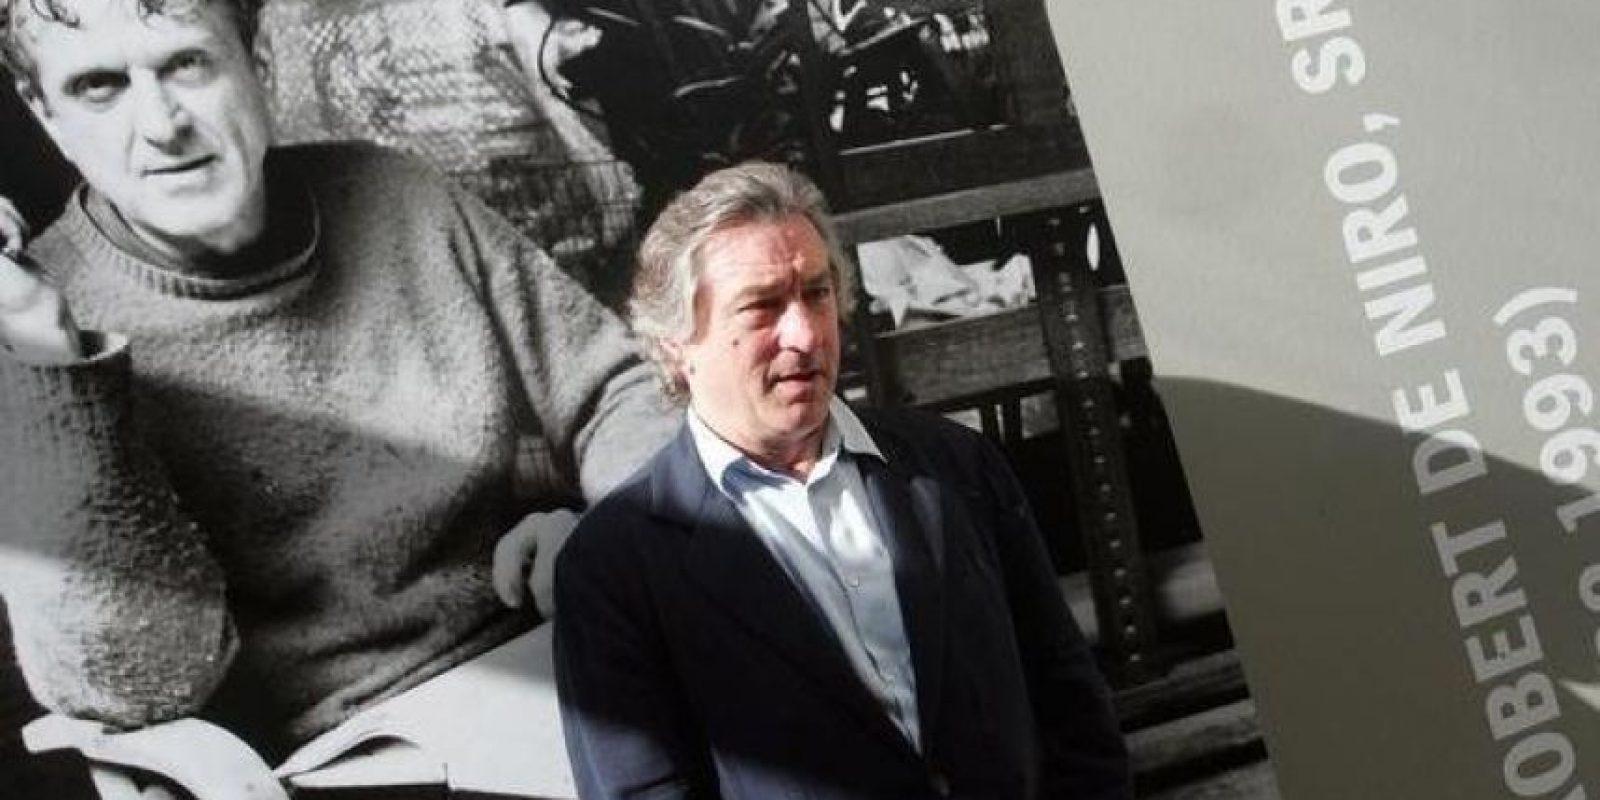 De Niro ha dicho en varias ocasiones que su padre, quien era un reconocido artista, luchaba con el hecho de ser gay en una época en donde era tabú salir del clóset. En la foto se ve detrás un afiche de su padre. Foto:Efe